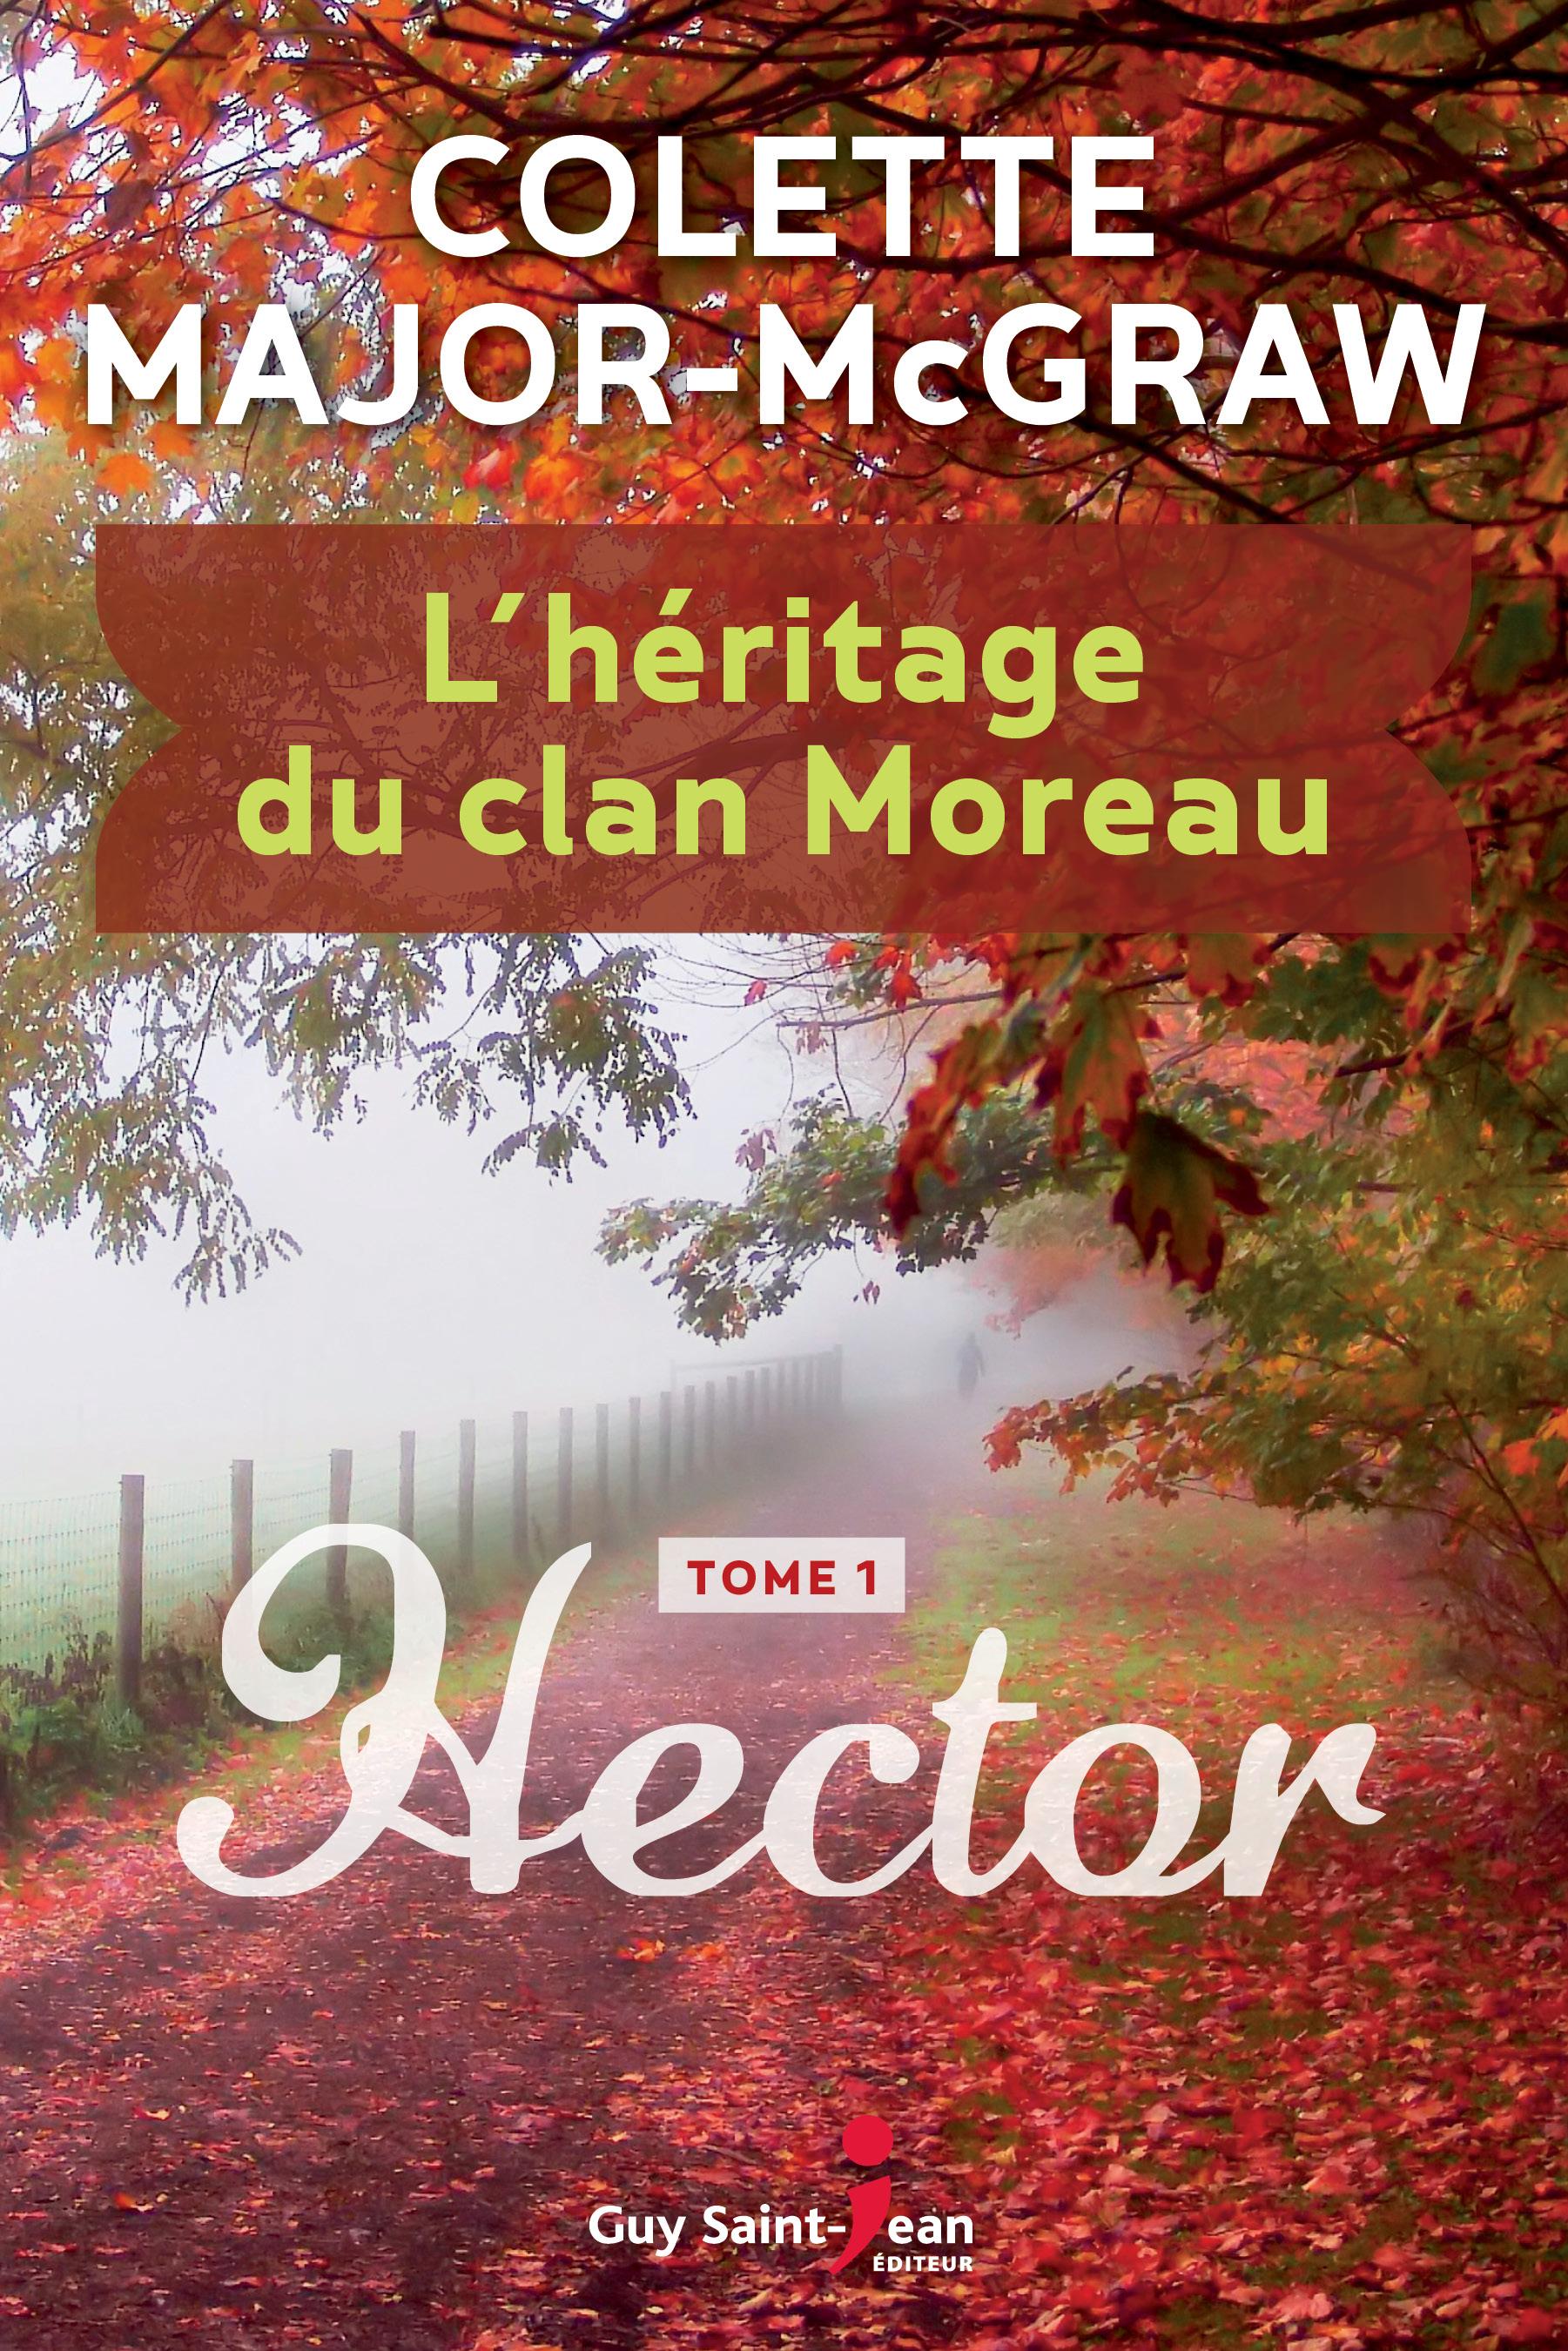 c1_lheritageduclanmoreau_t1_hector_hr_final